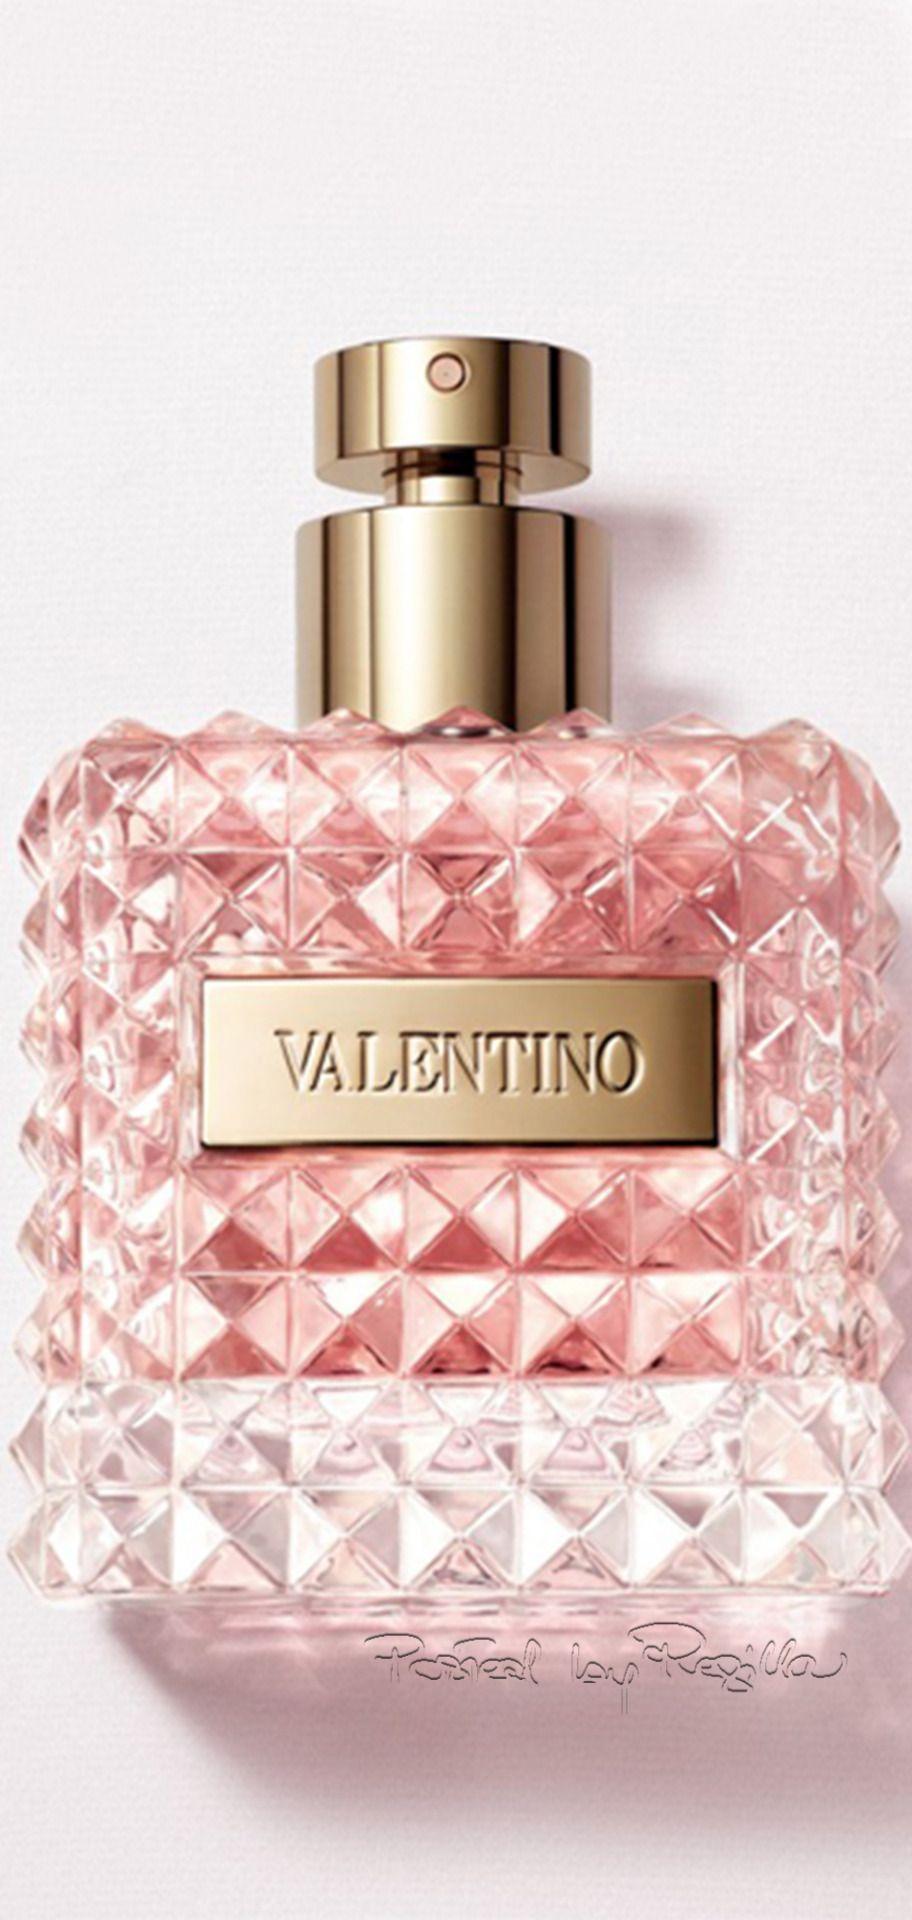 3fb66140276 Valentino Donna - skvělý dárek k Valentýnu http   www.parfums.cz